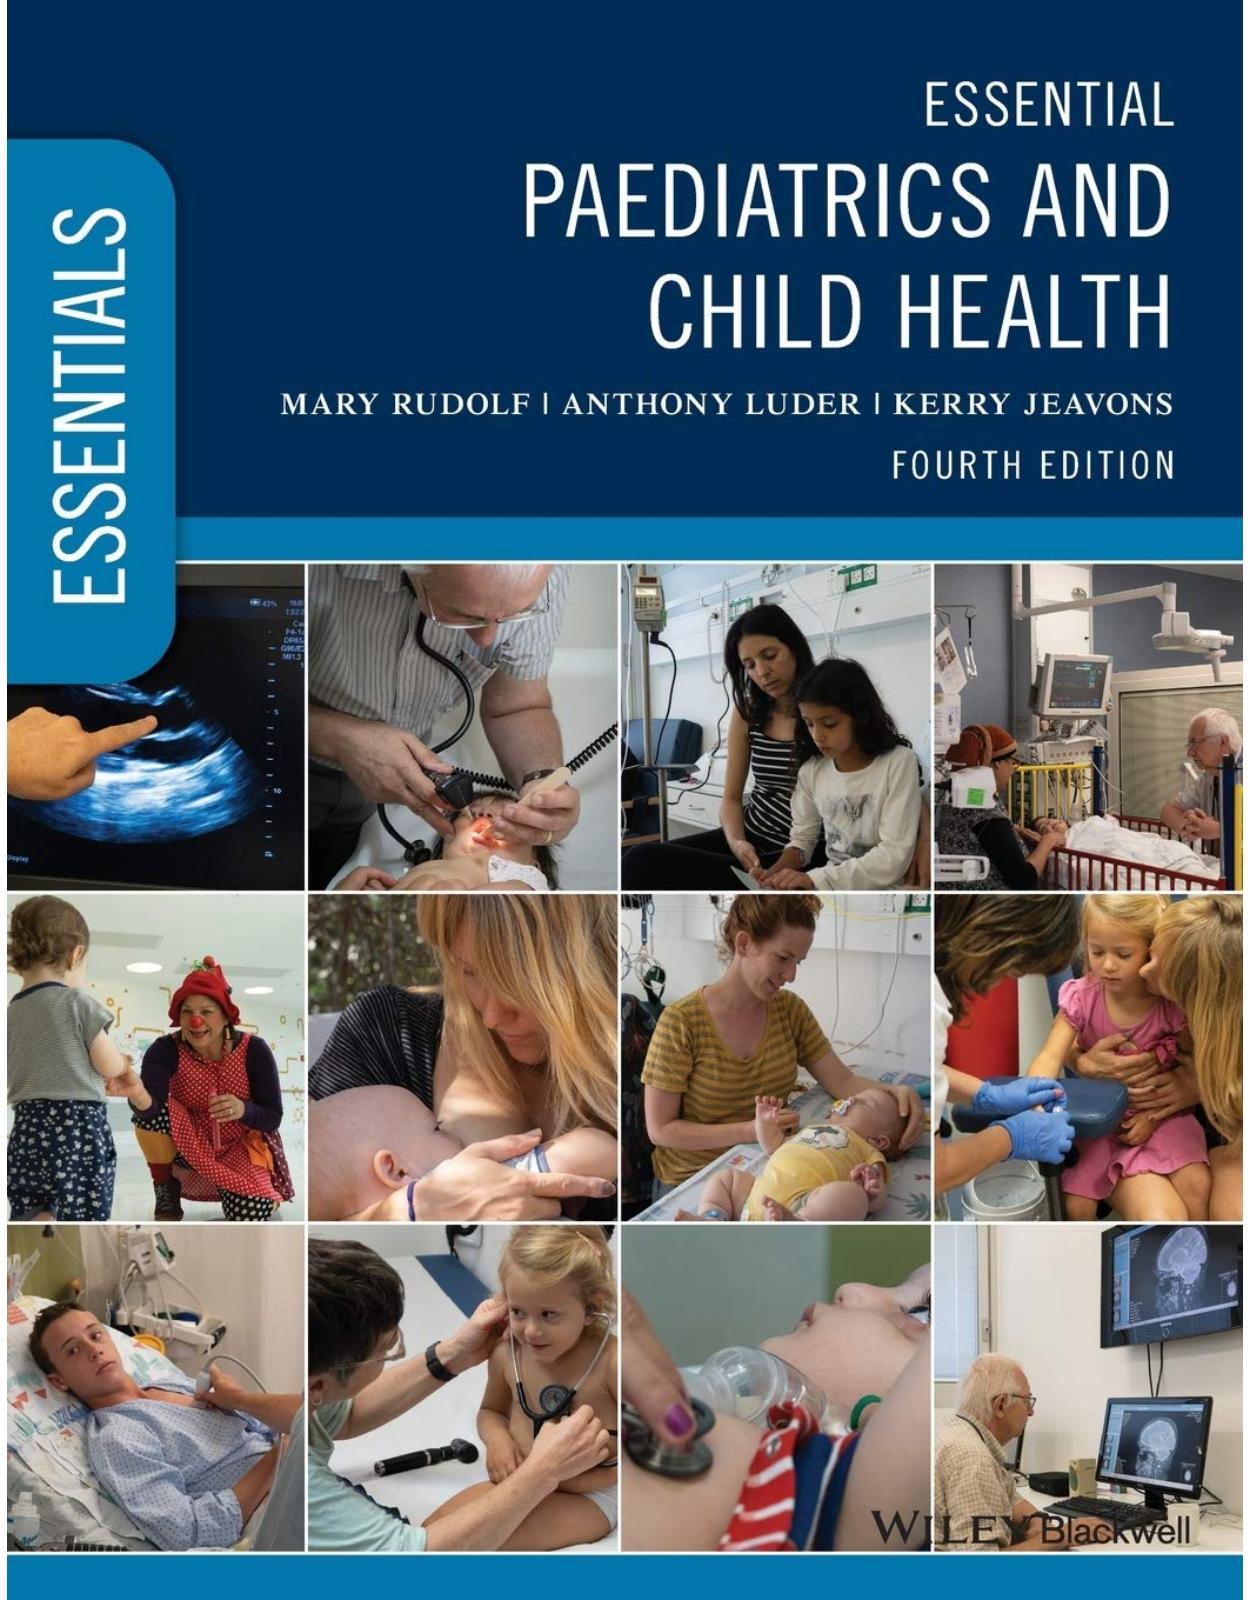 Essential Paediatrics and Child Health (Essentials)